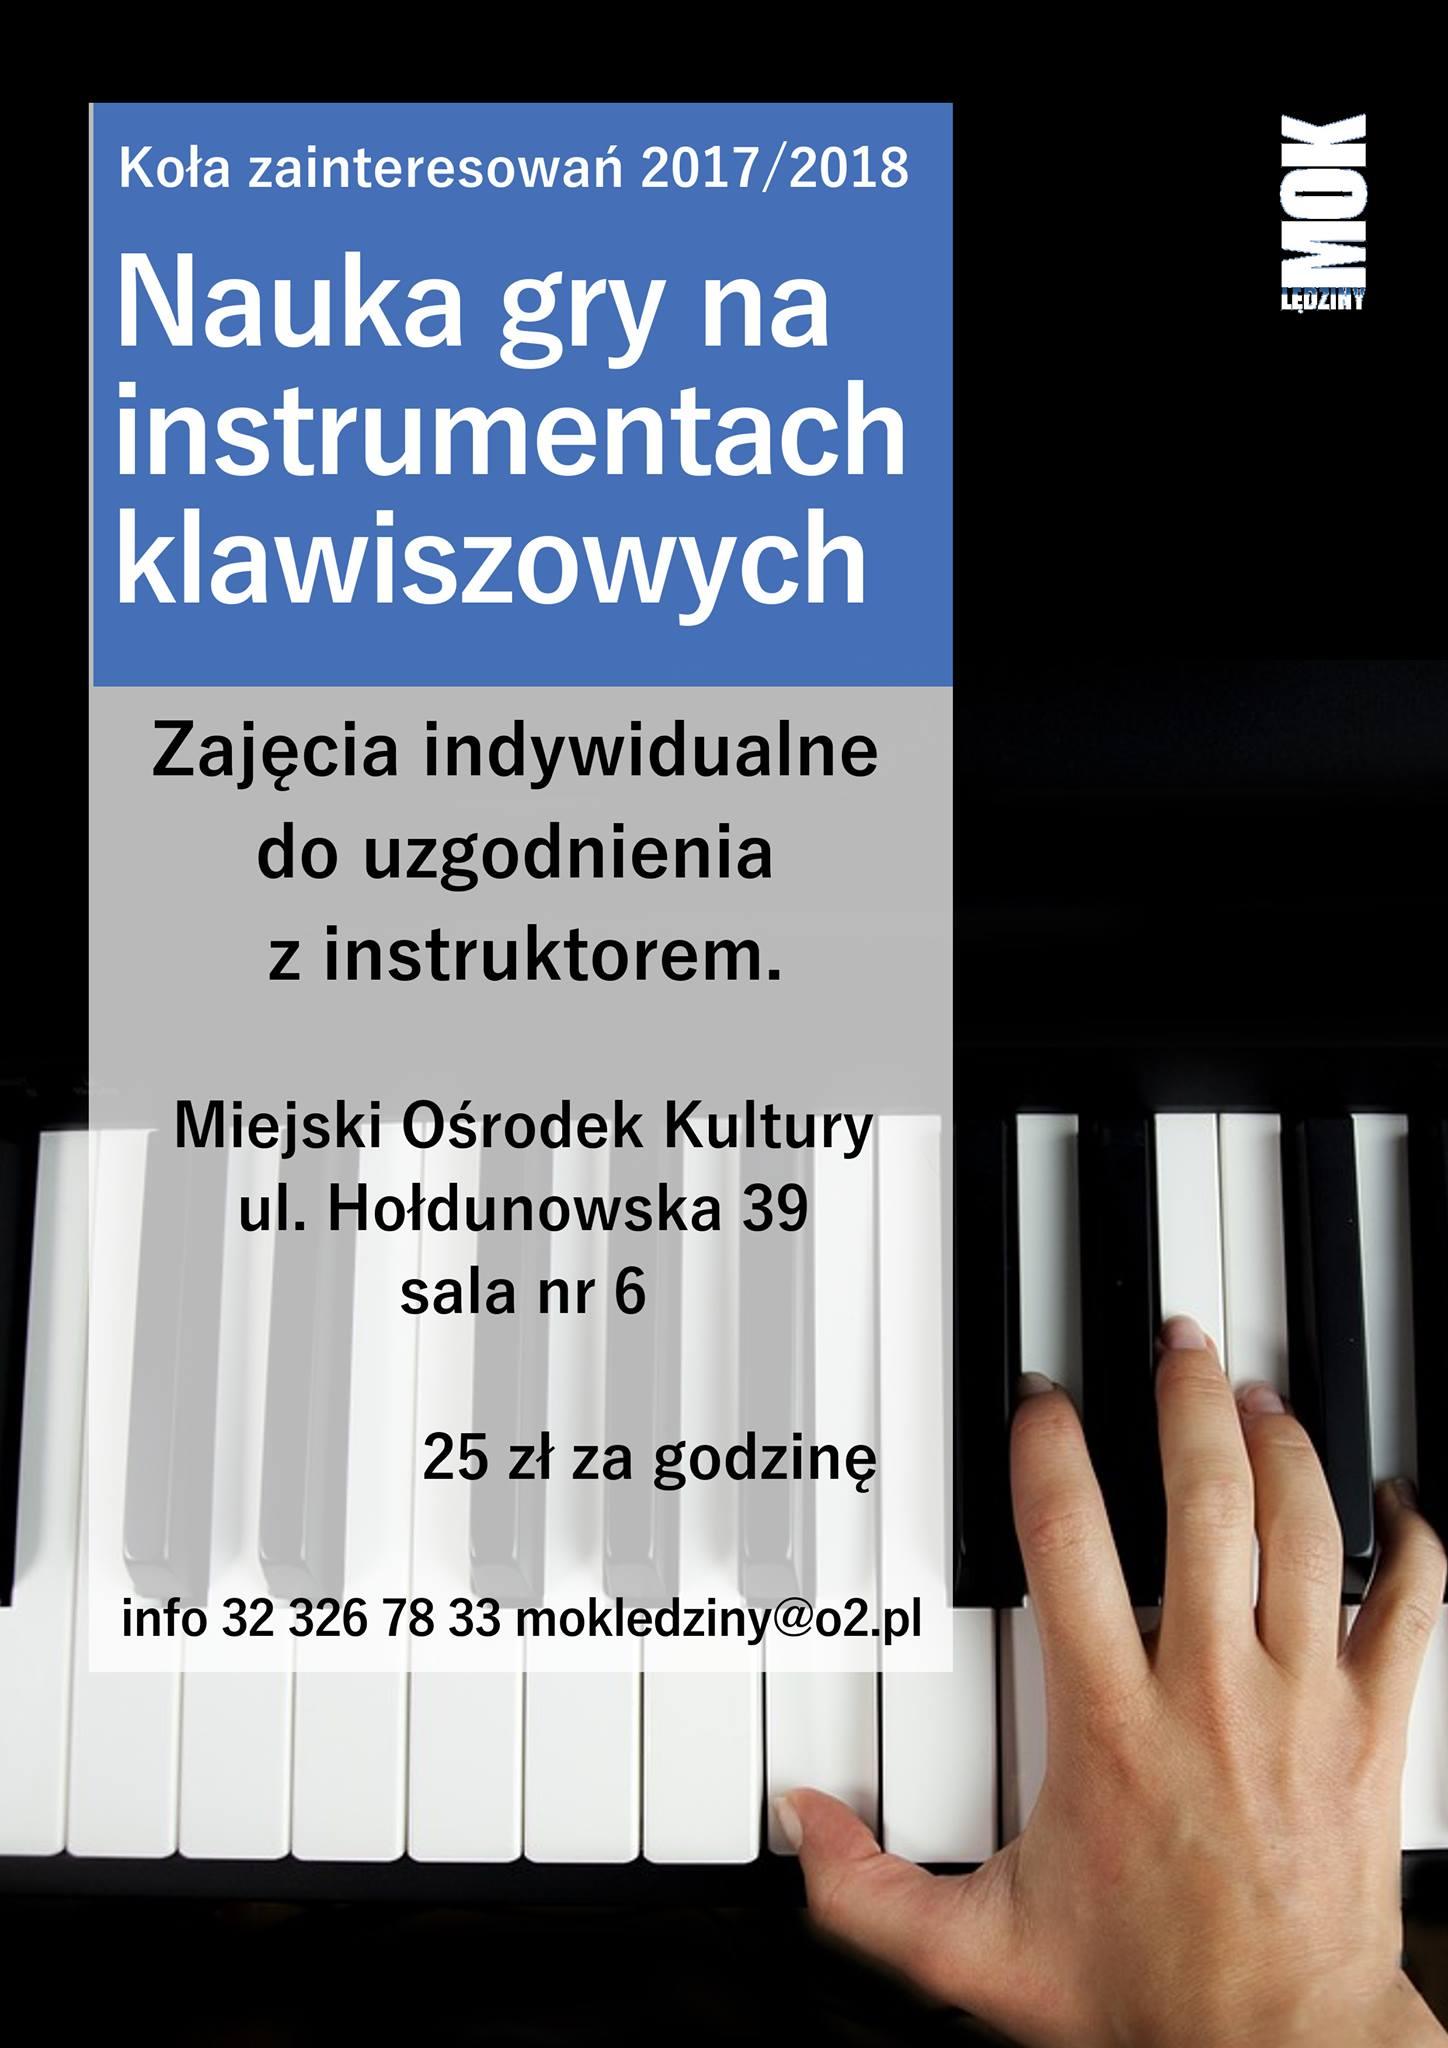 nauka-gry-na-instrumentach-klawiszowych-2017